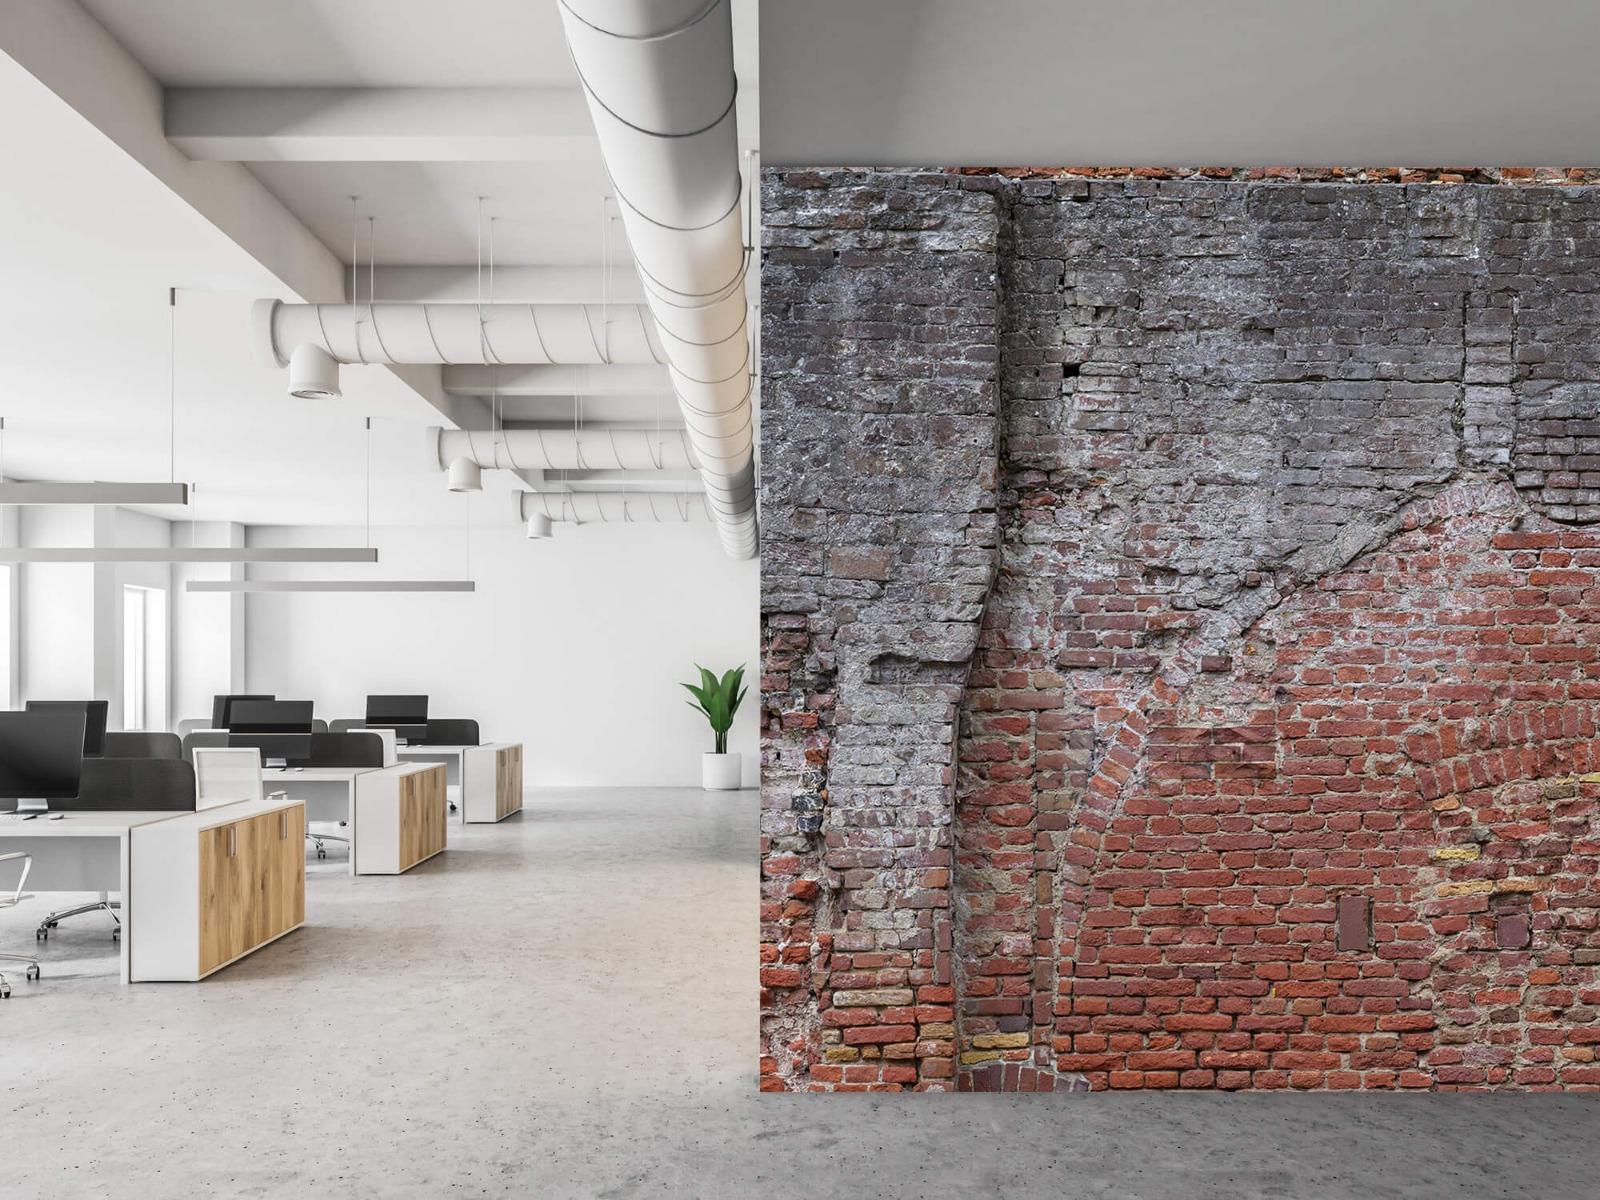 Steen behang - Oude herstelde stadsmuur - Tienerkamer 21